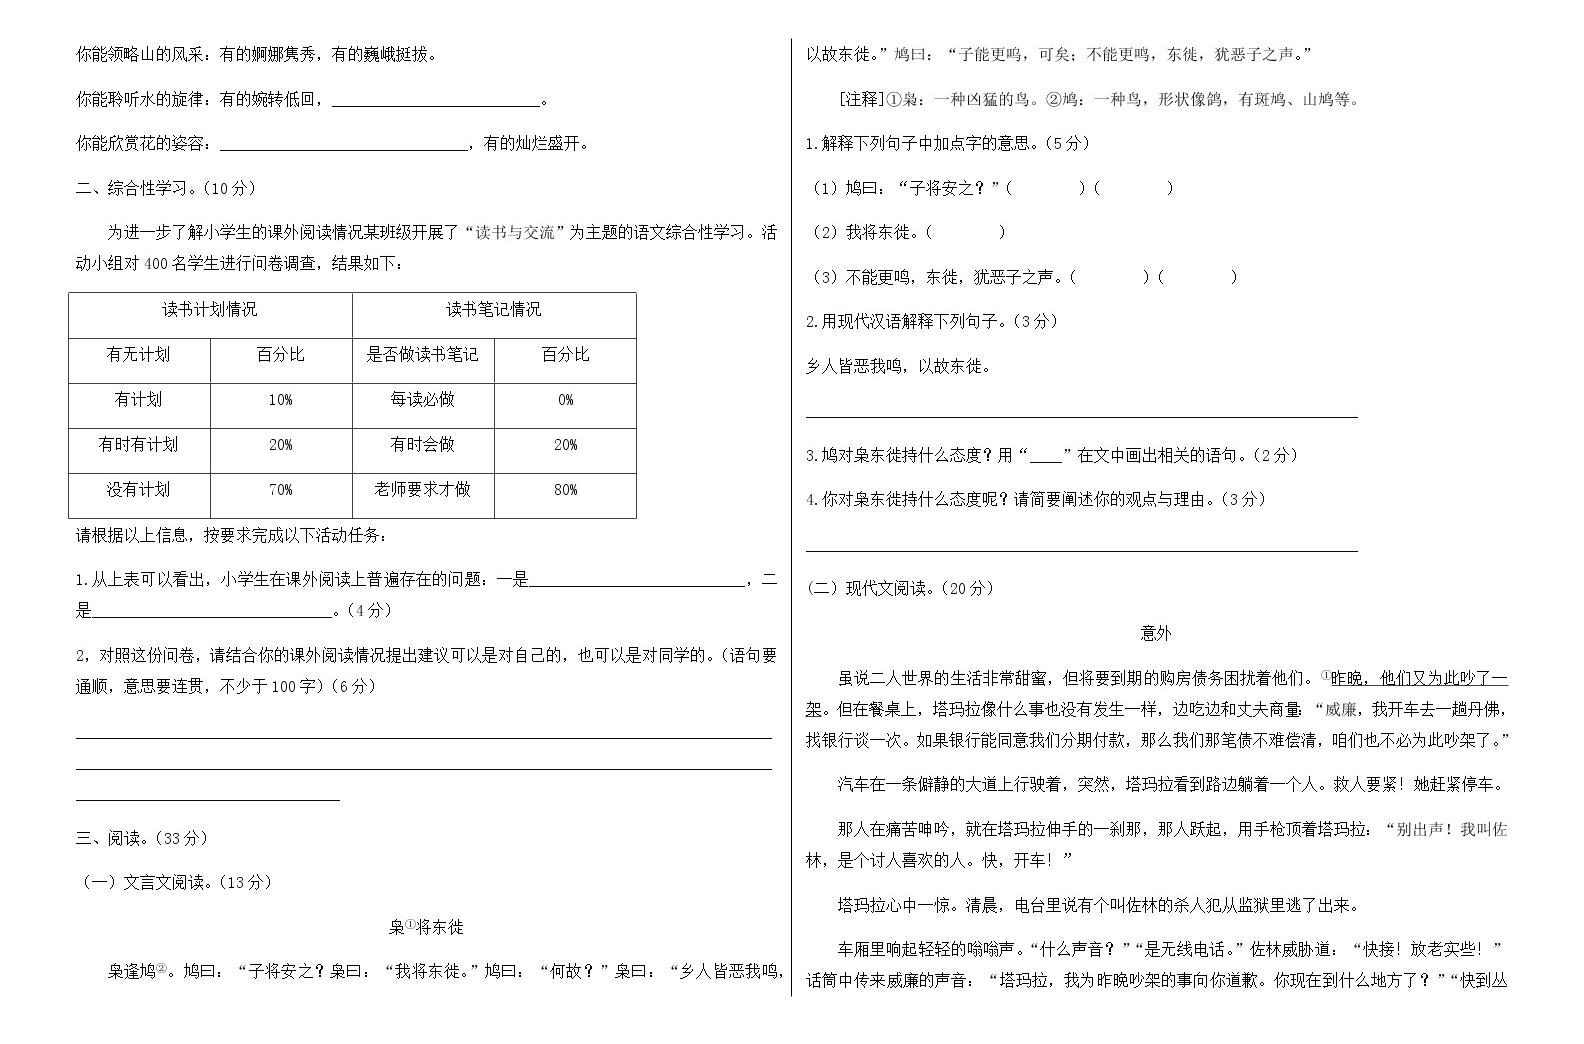 2019-2020年度六年级语文小升初全真模拟试卷 (三)(有答案)02